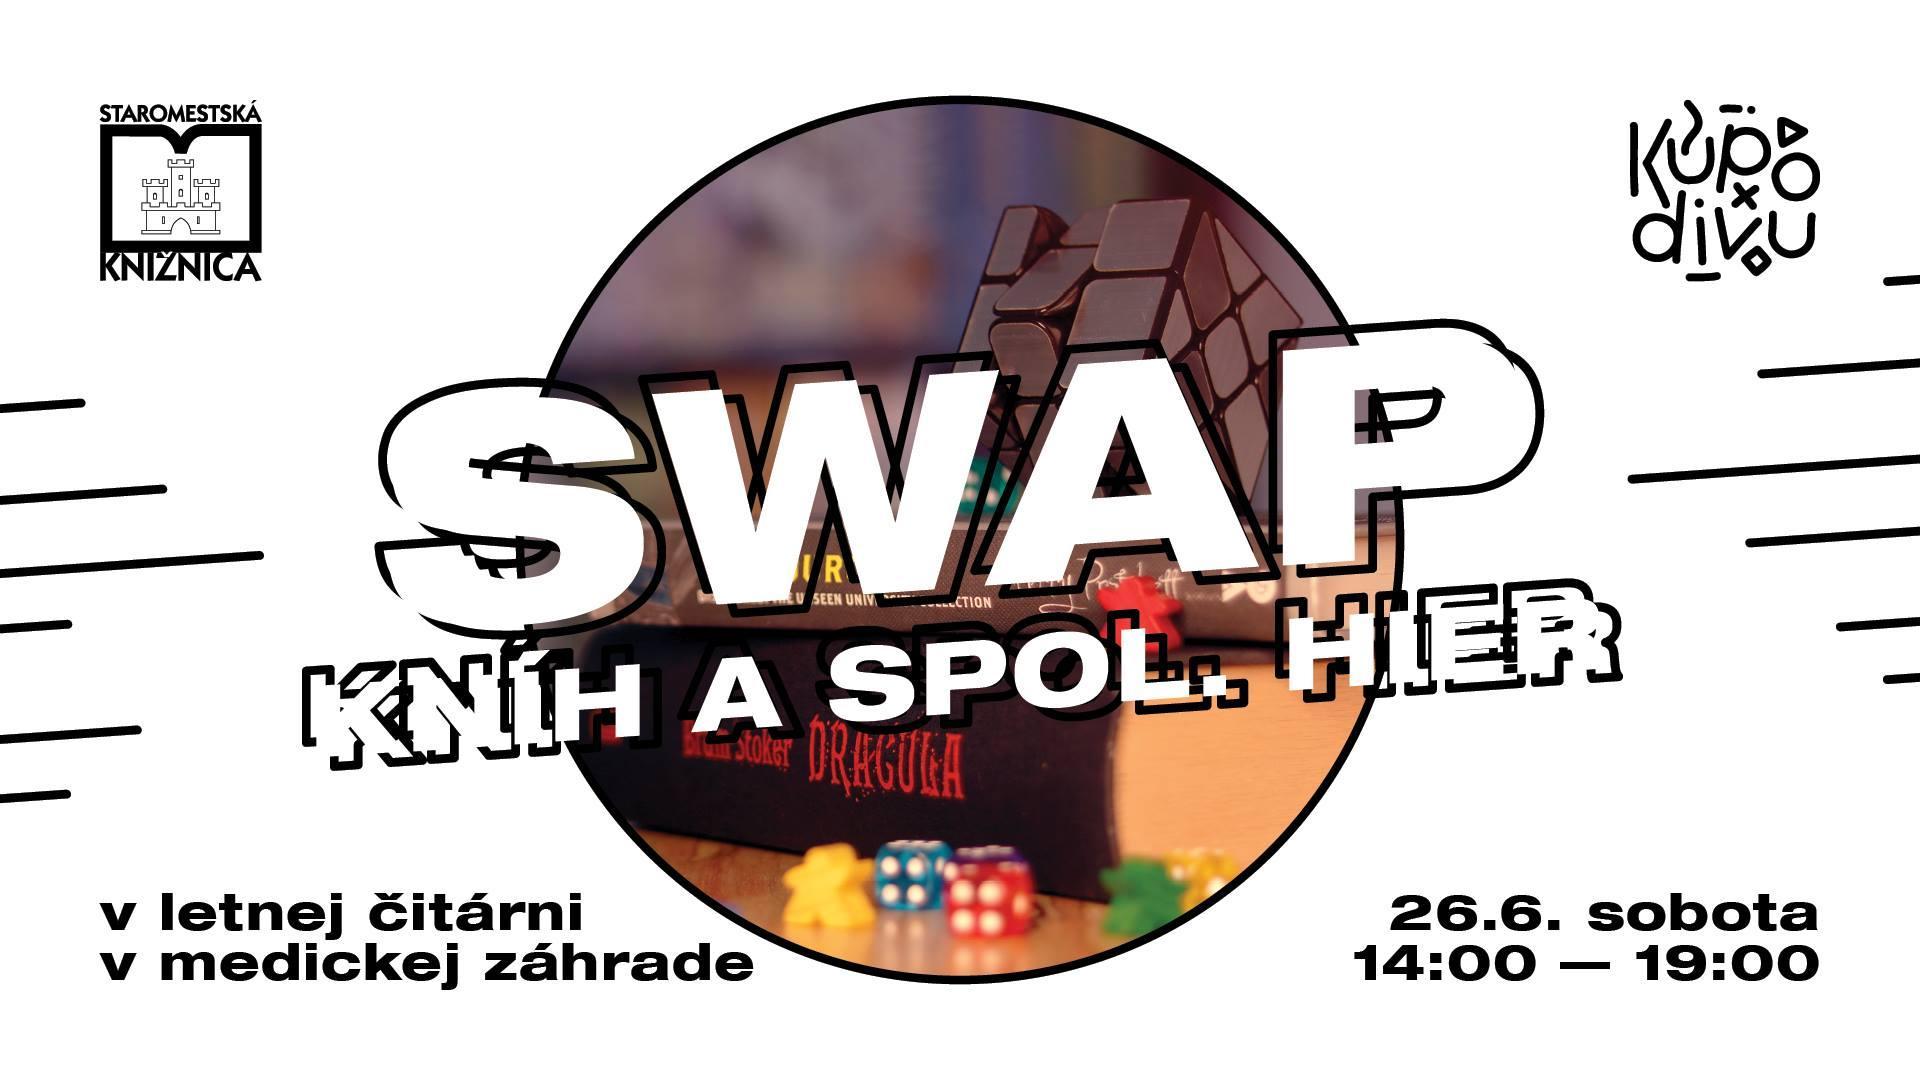 Kupodivu SWAP kníh a spoločenských hier - 26.6.2021, Letná čitáreň v Medickej záhrade, od 14:00 do 19:00